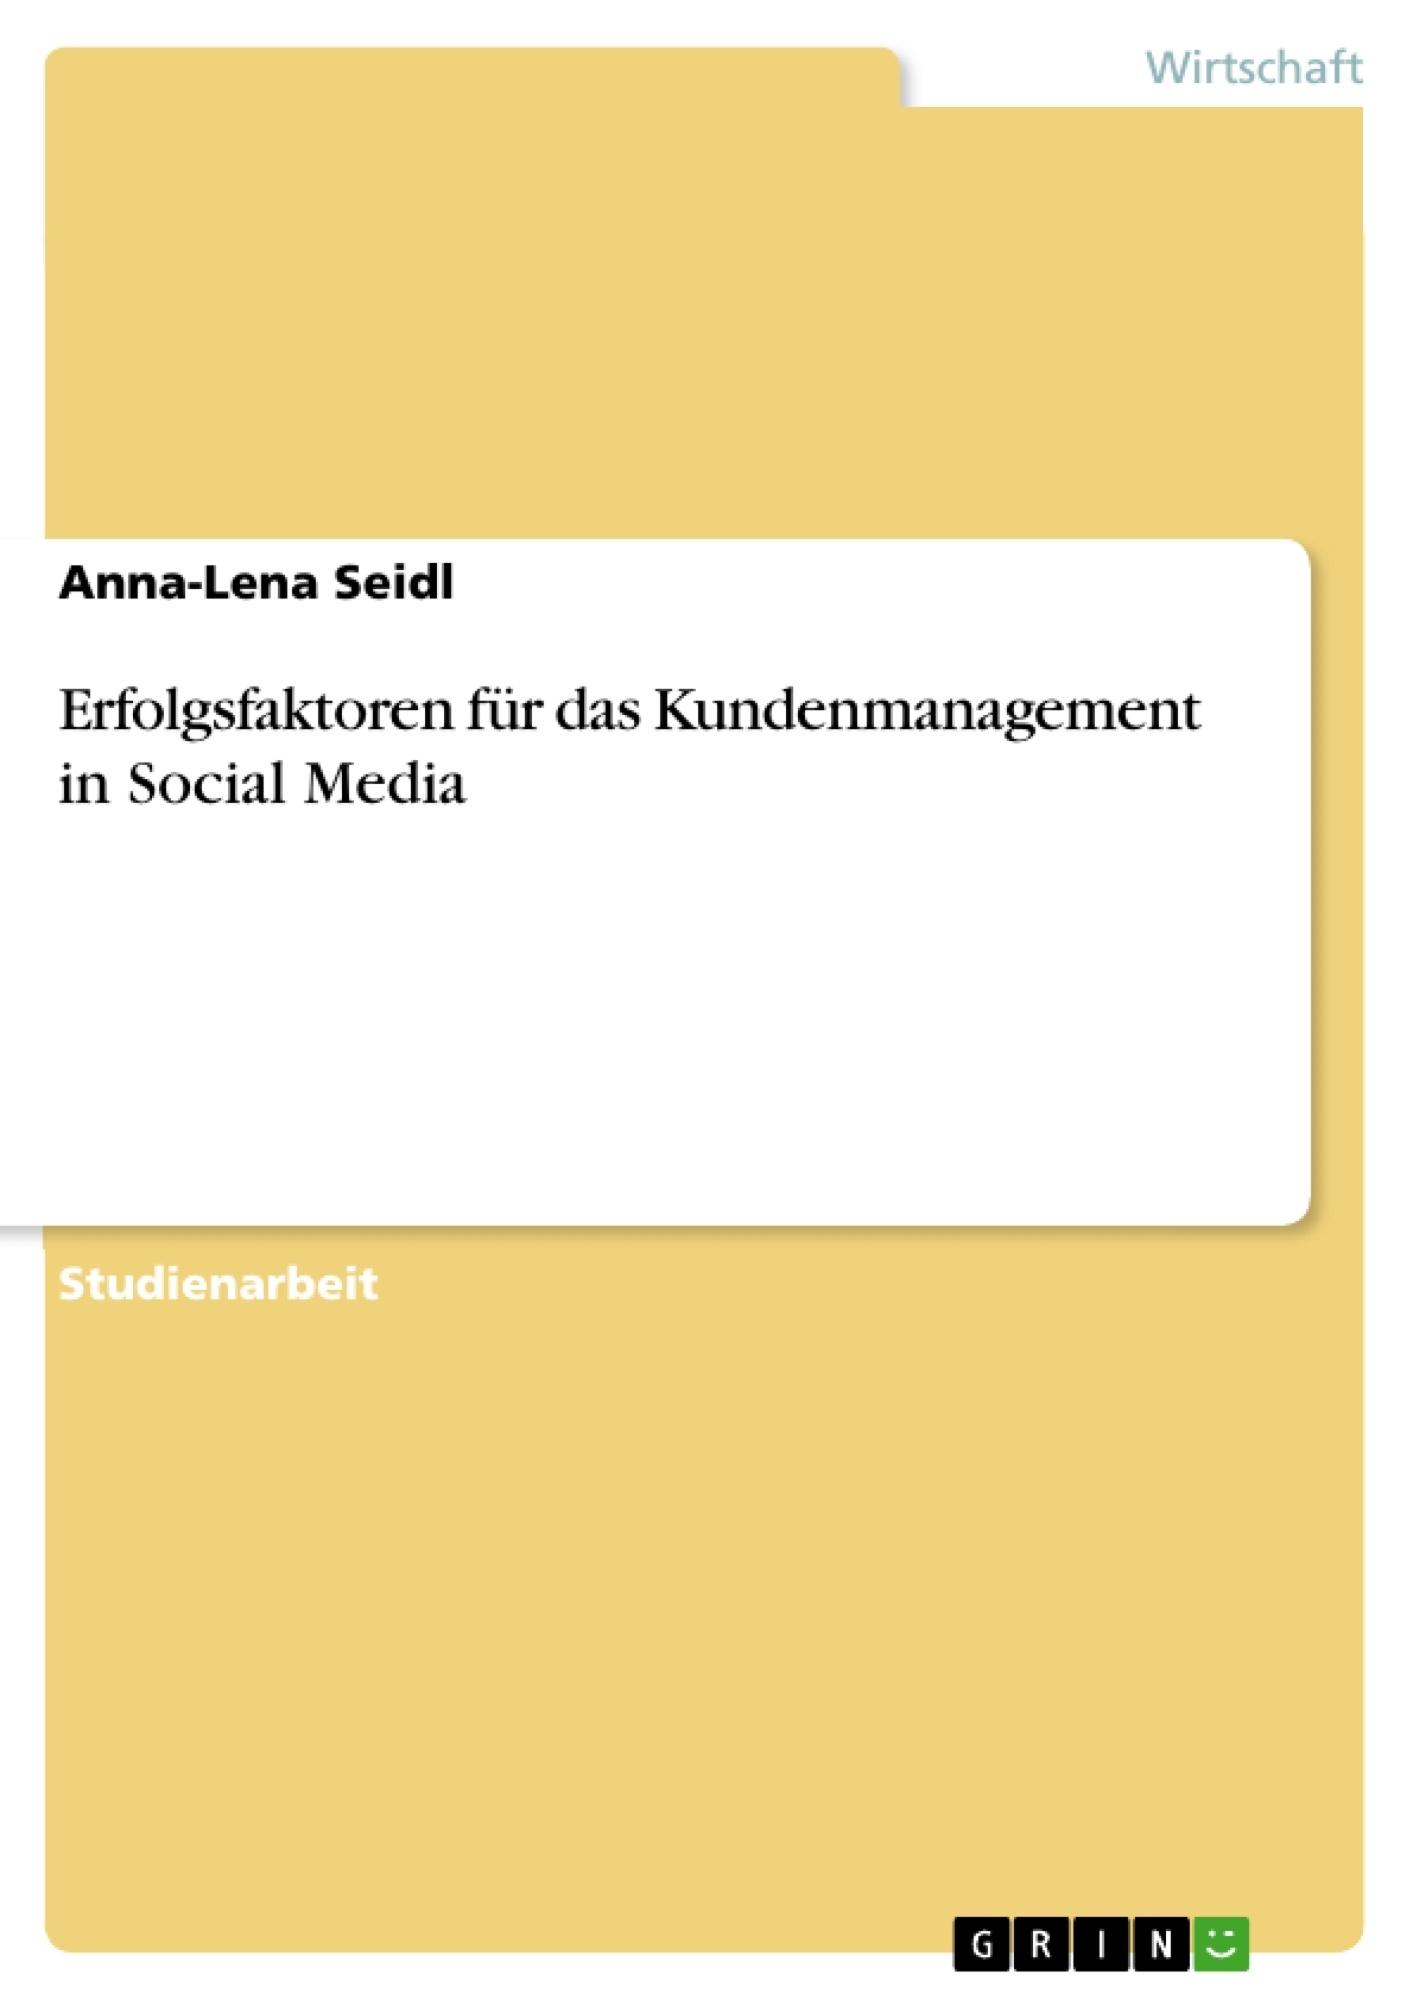 Titel: Erfolgsfaktoren für das Kundenmanagement in Social Media